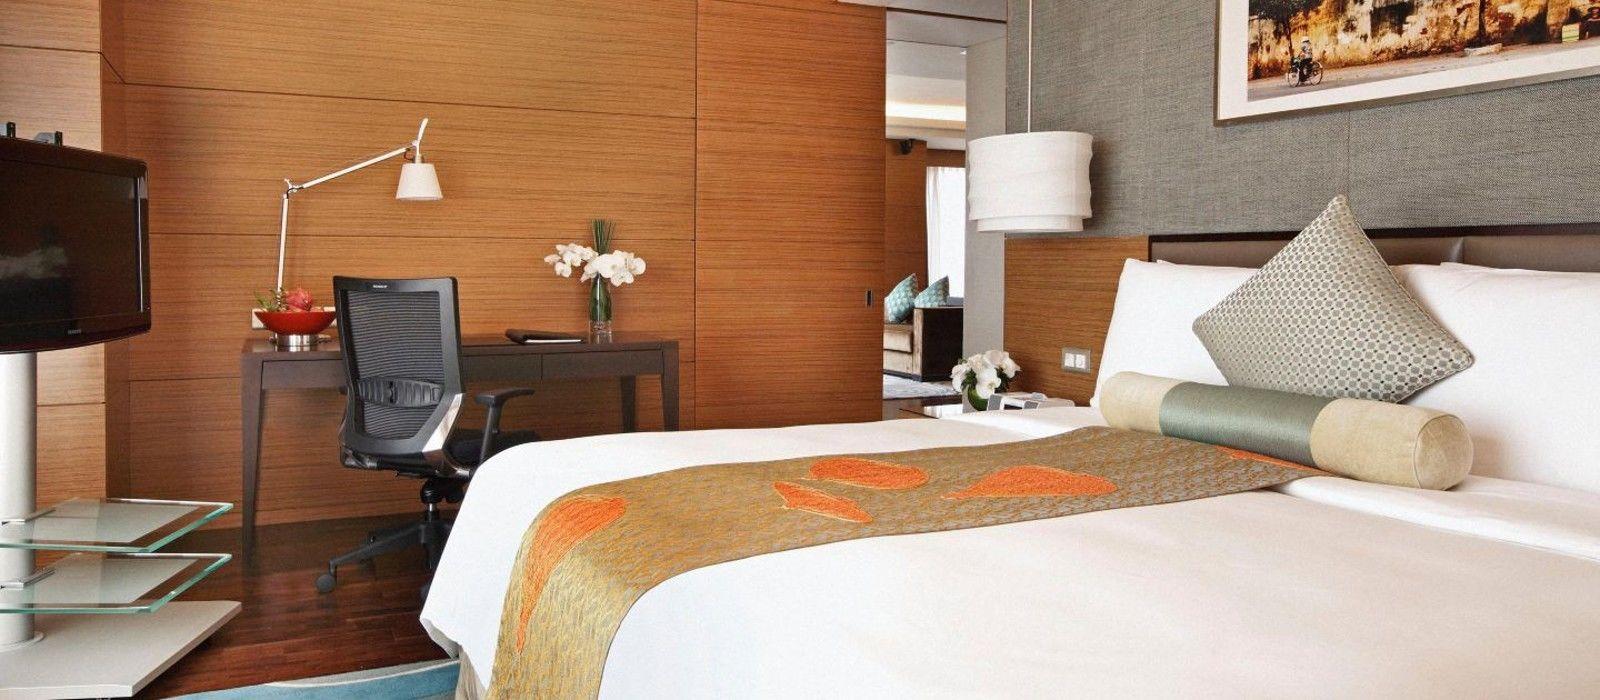 Hotel IC Asiana Saigon (Ho Chi Minh City) Vietnam